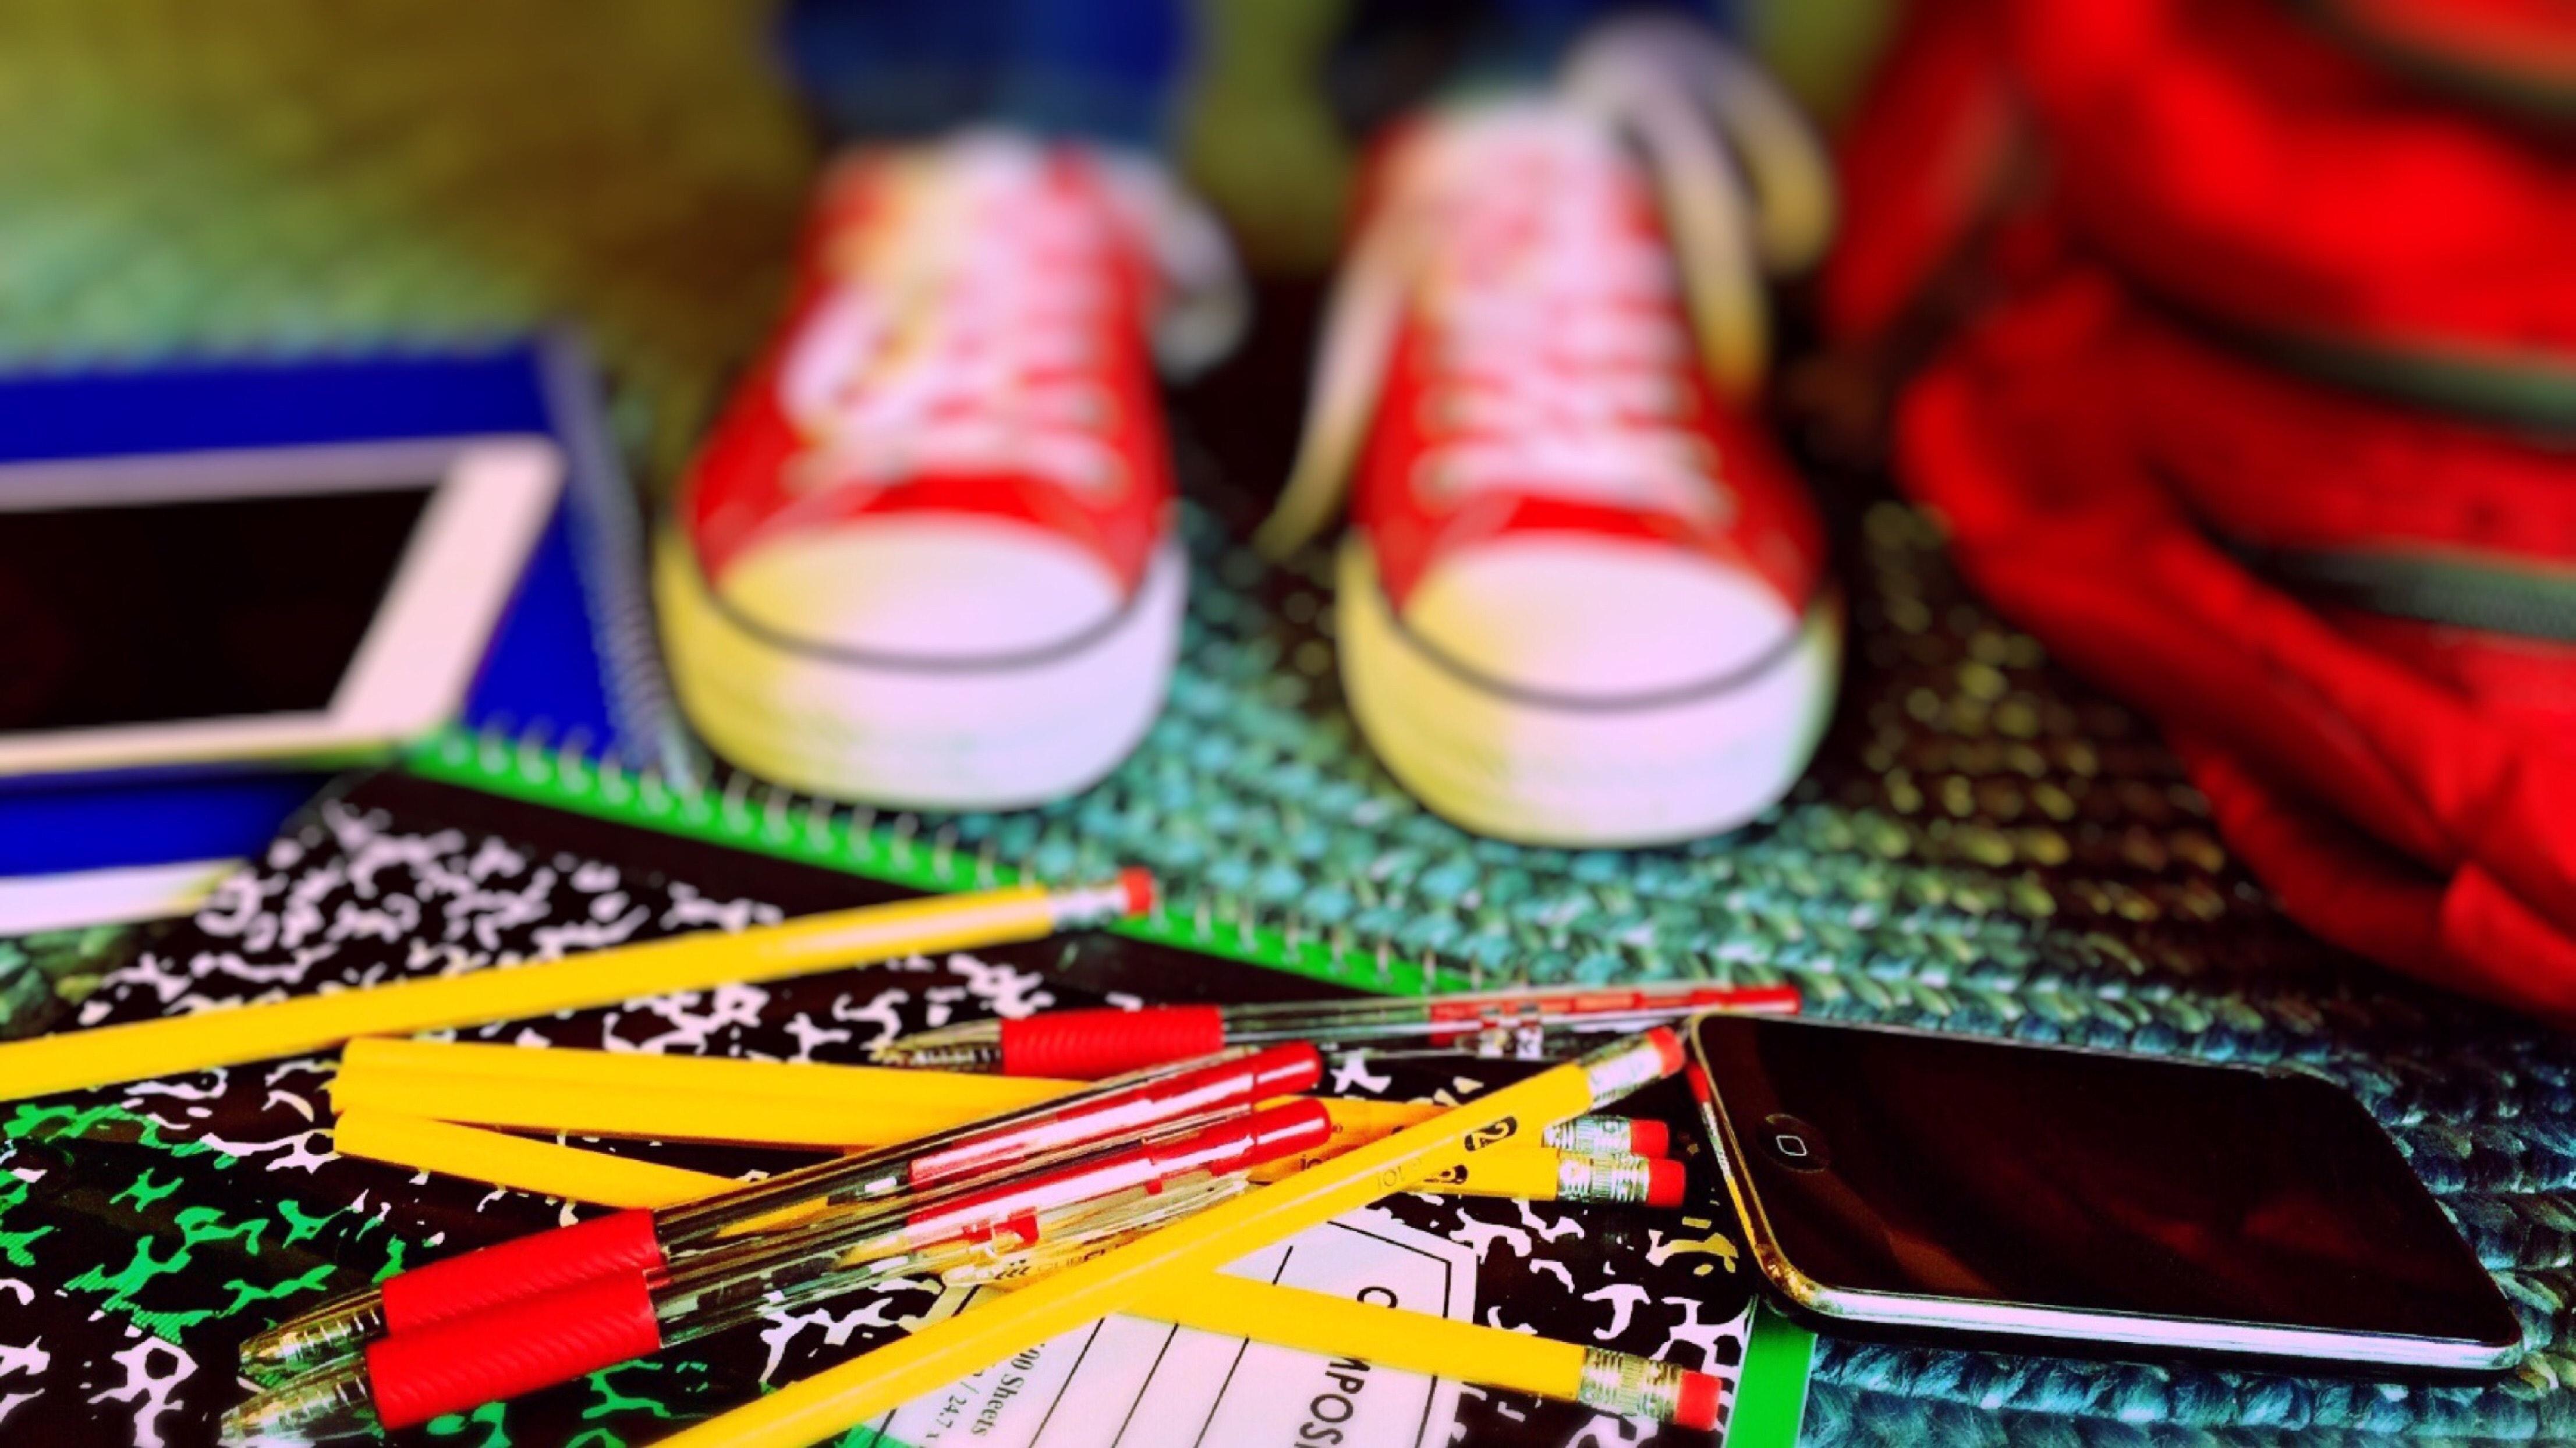 Ayudar a los Estudiantes a Concentrarse Minimizando las Distracciones